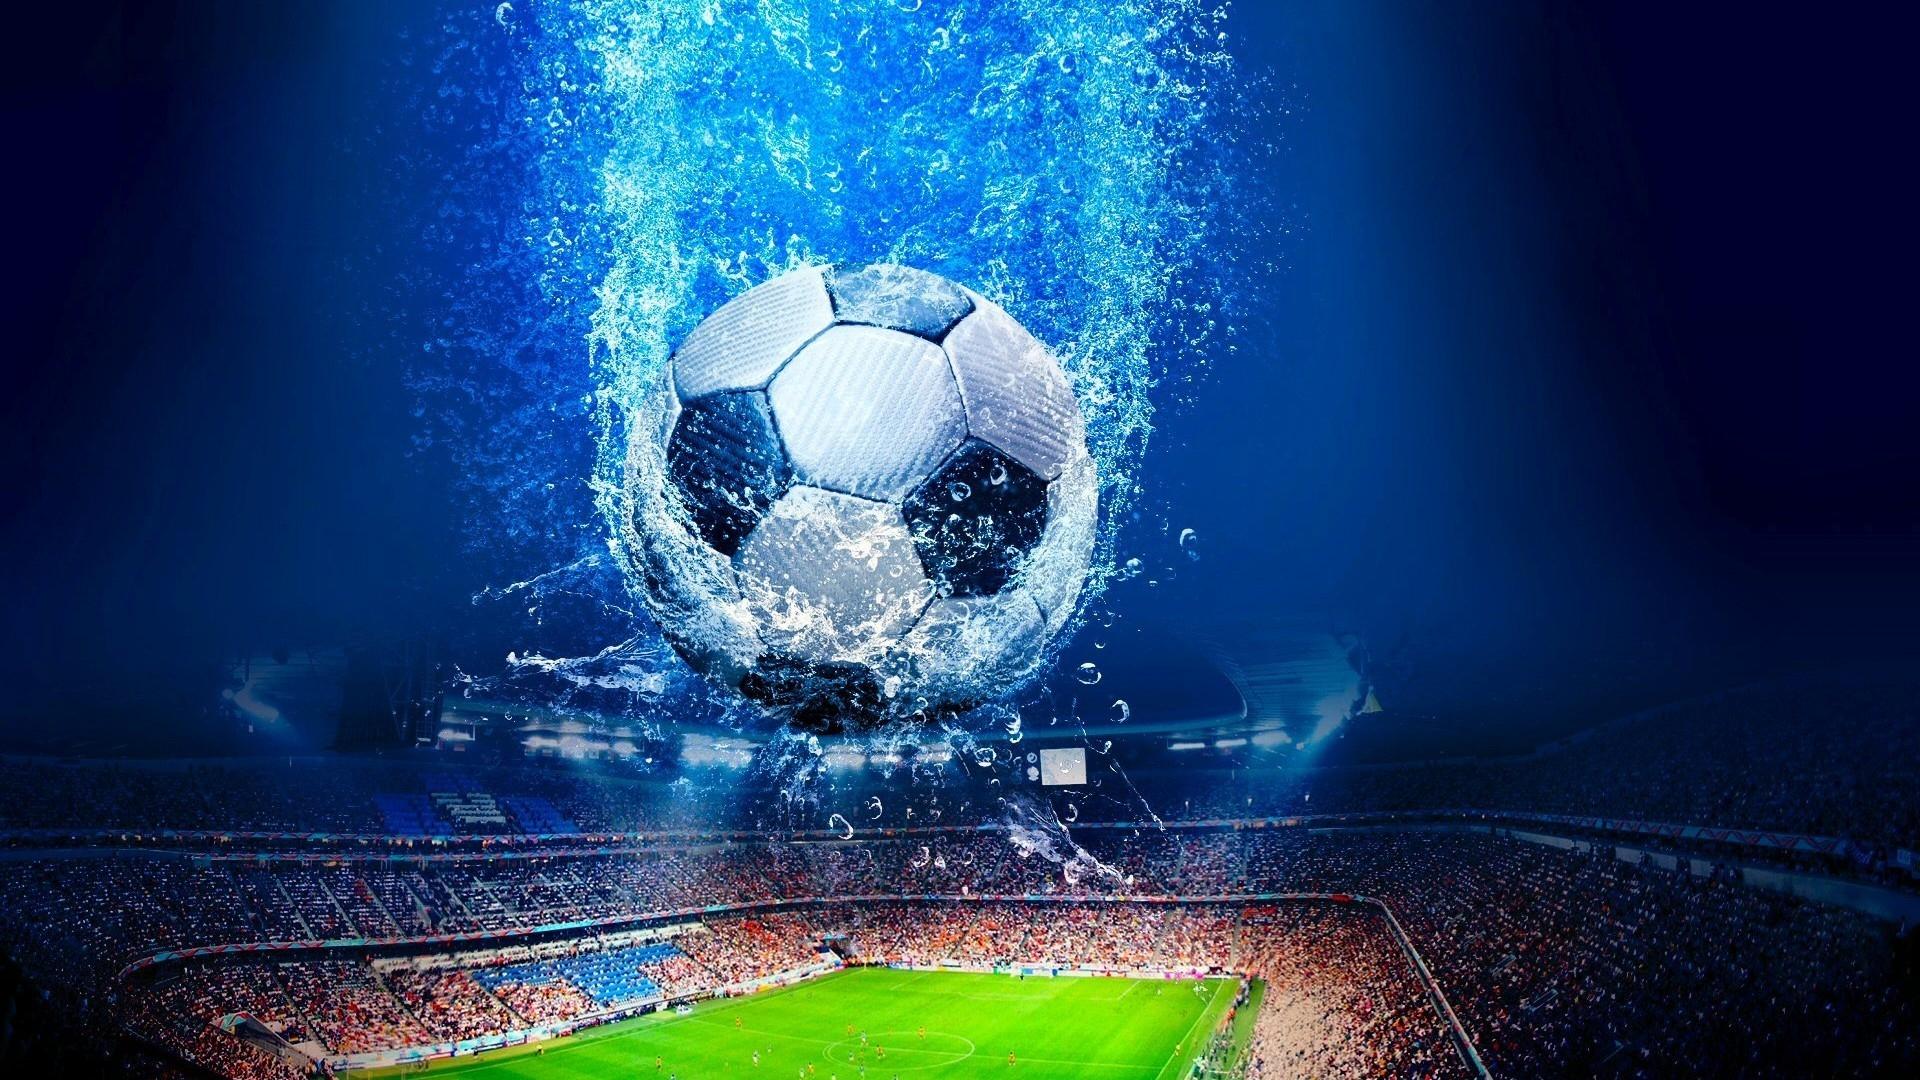 Fantasy Football Stadium Wallpaper Hd Wallpaper Uk